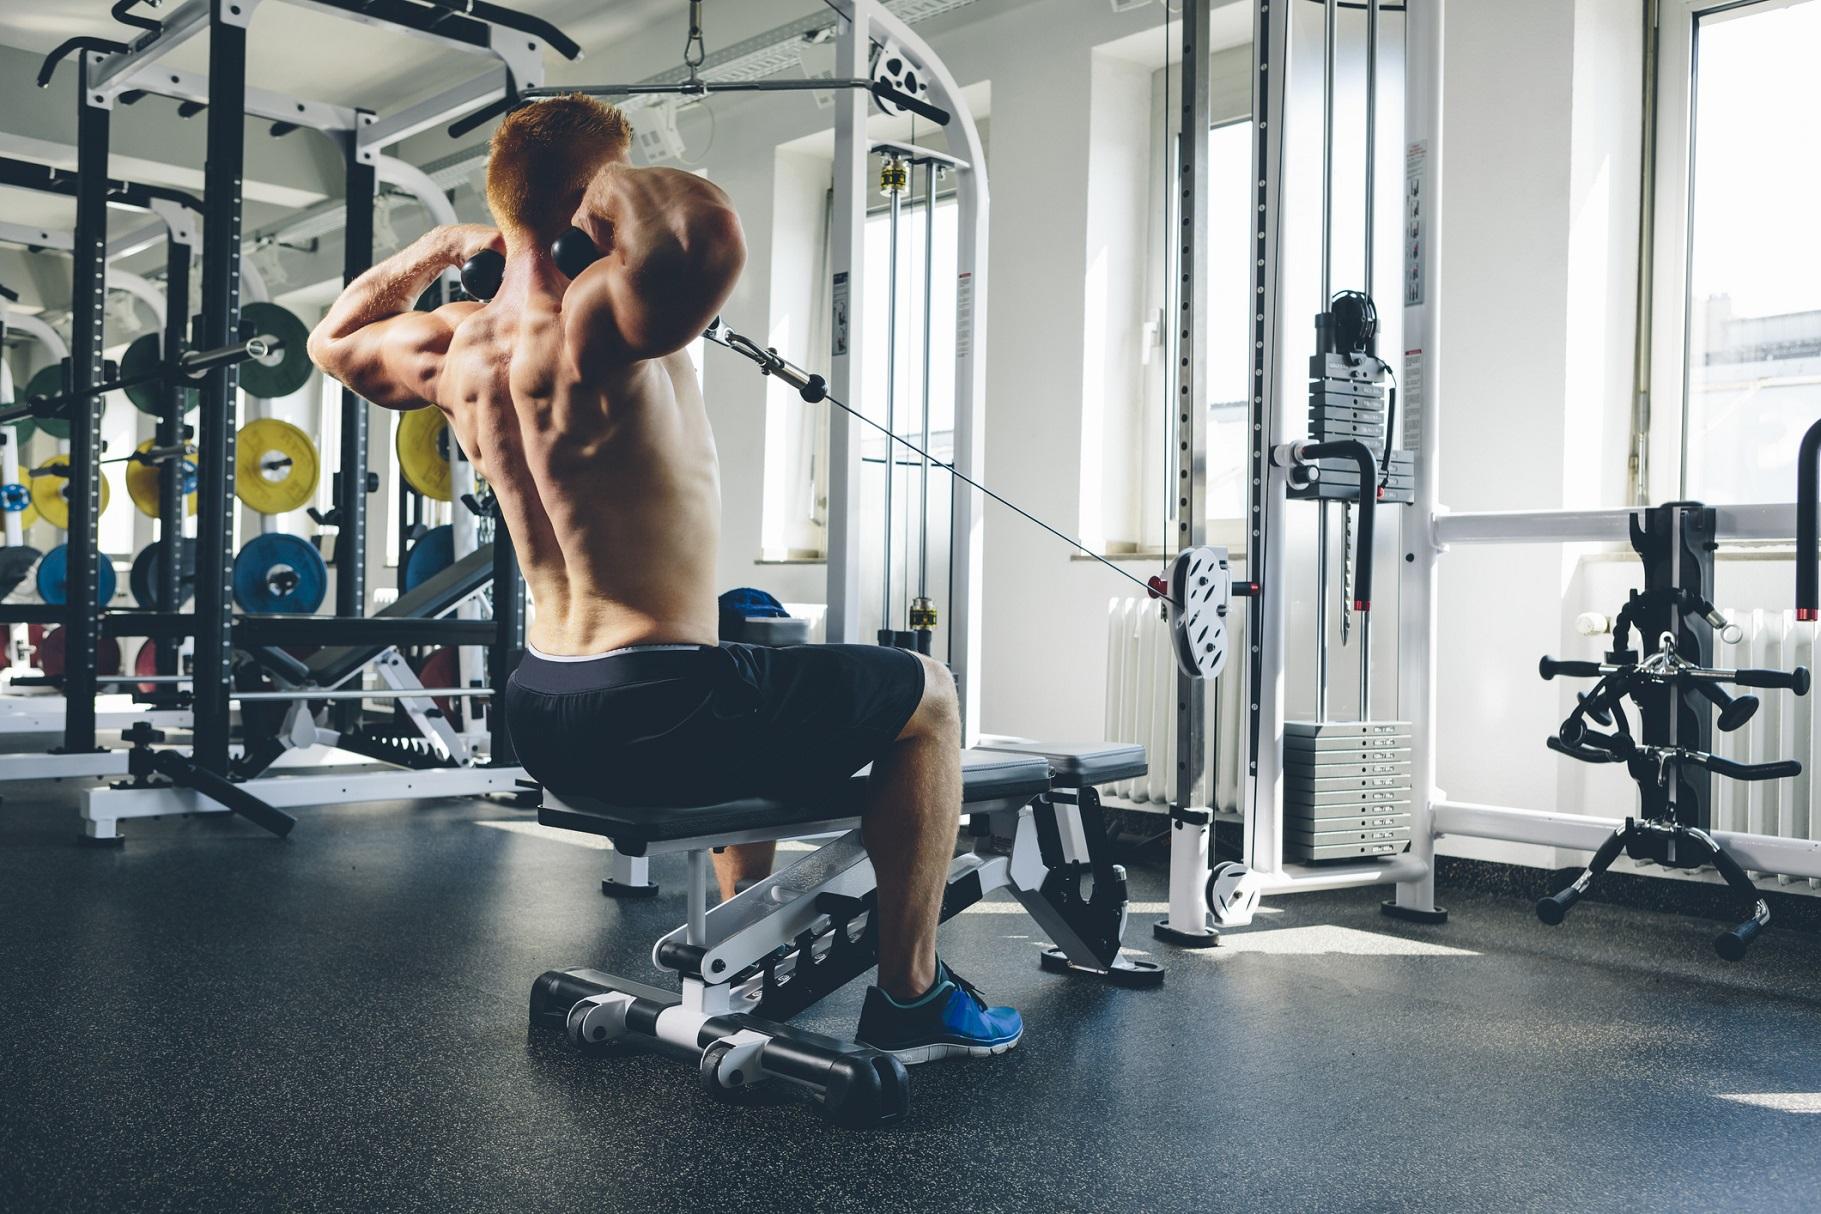 筋トレ初心者こそ「ケーブルマシン」がおすすめ。その理由と効果的な使い方、トレーニングメニューを解説 | トレーニング×スポーツ『MELOS』